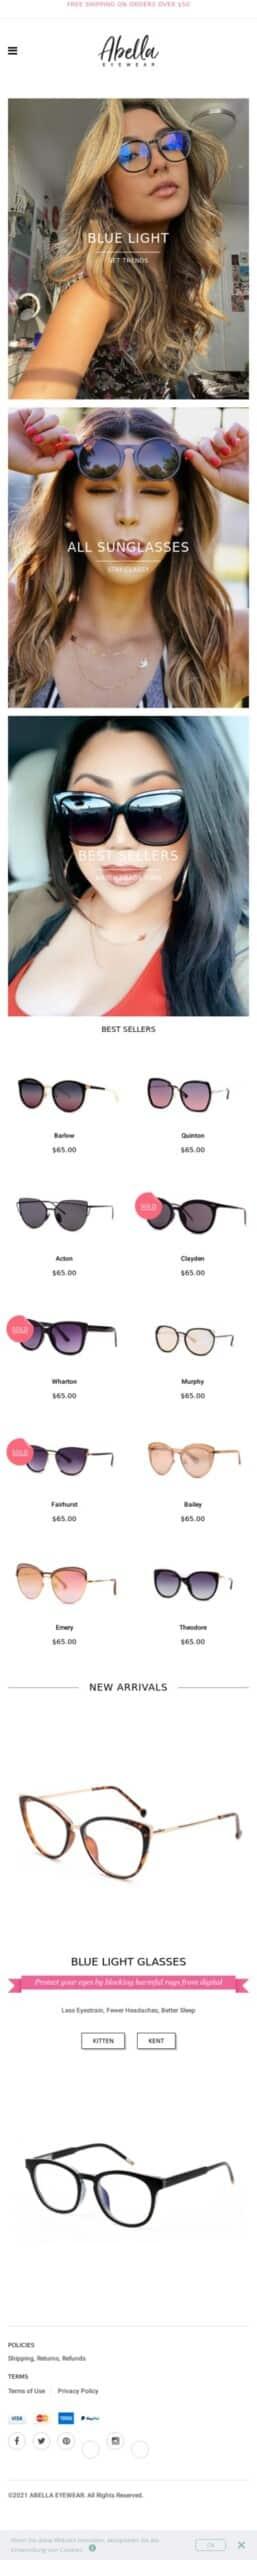 Abella Eyewear Coupon